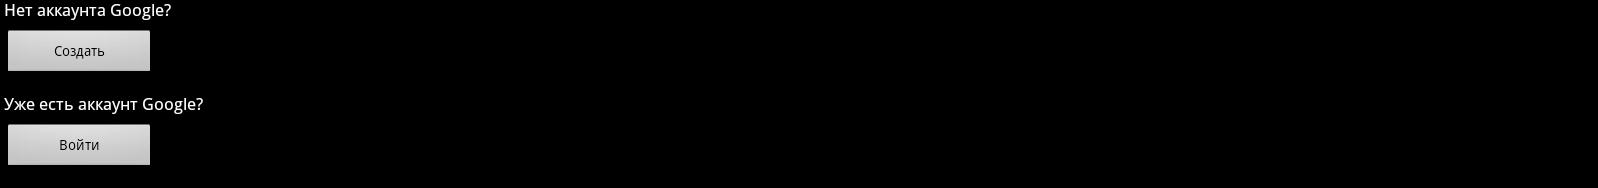 регистрация в instagram через компьютер